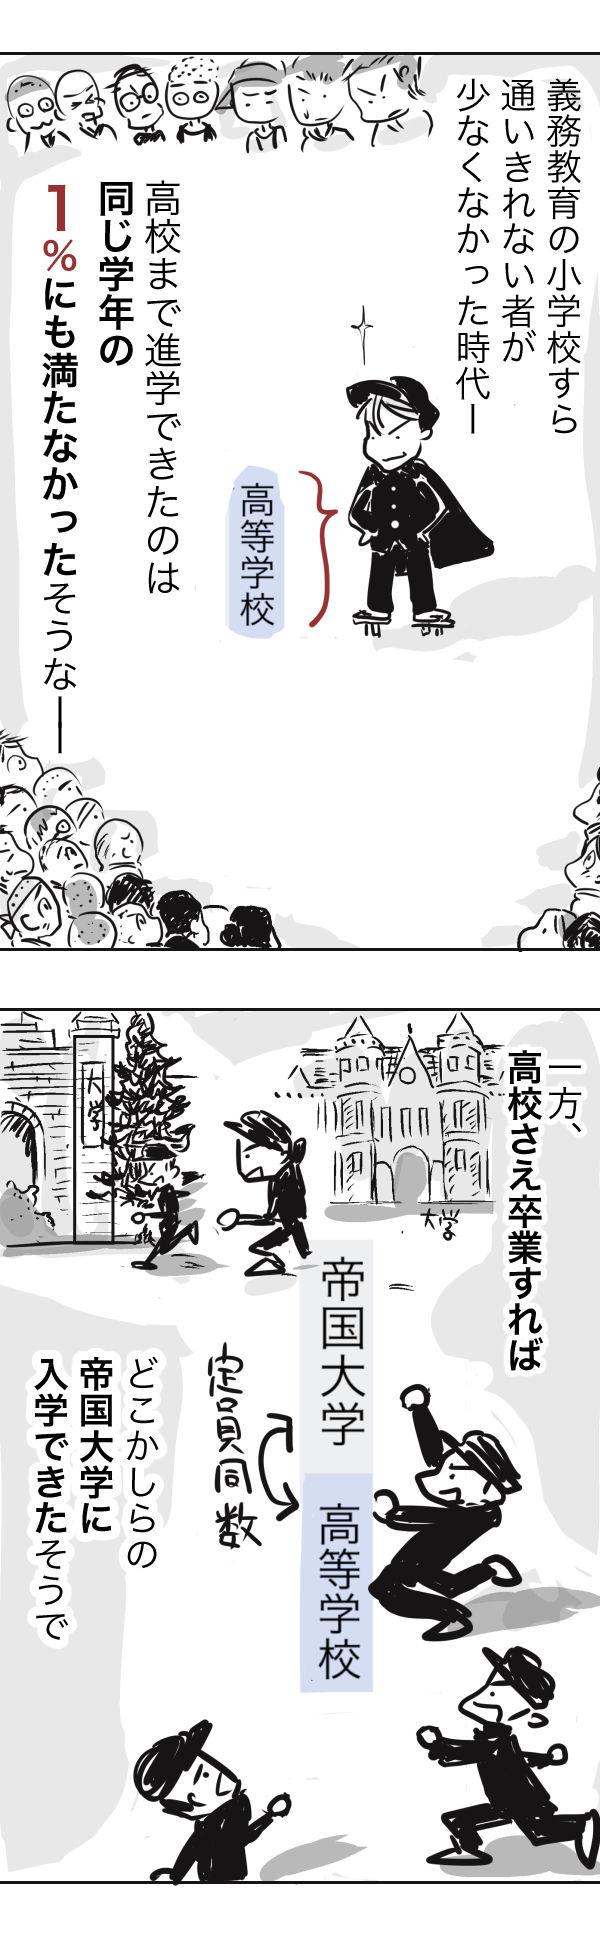 山田金沢2−1−2